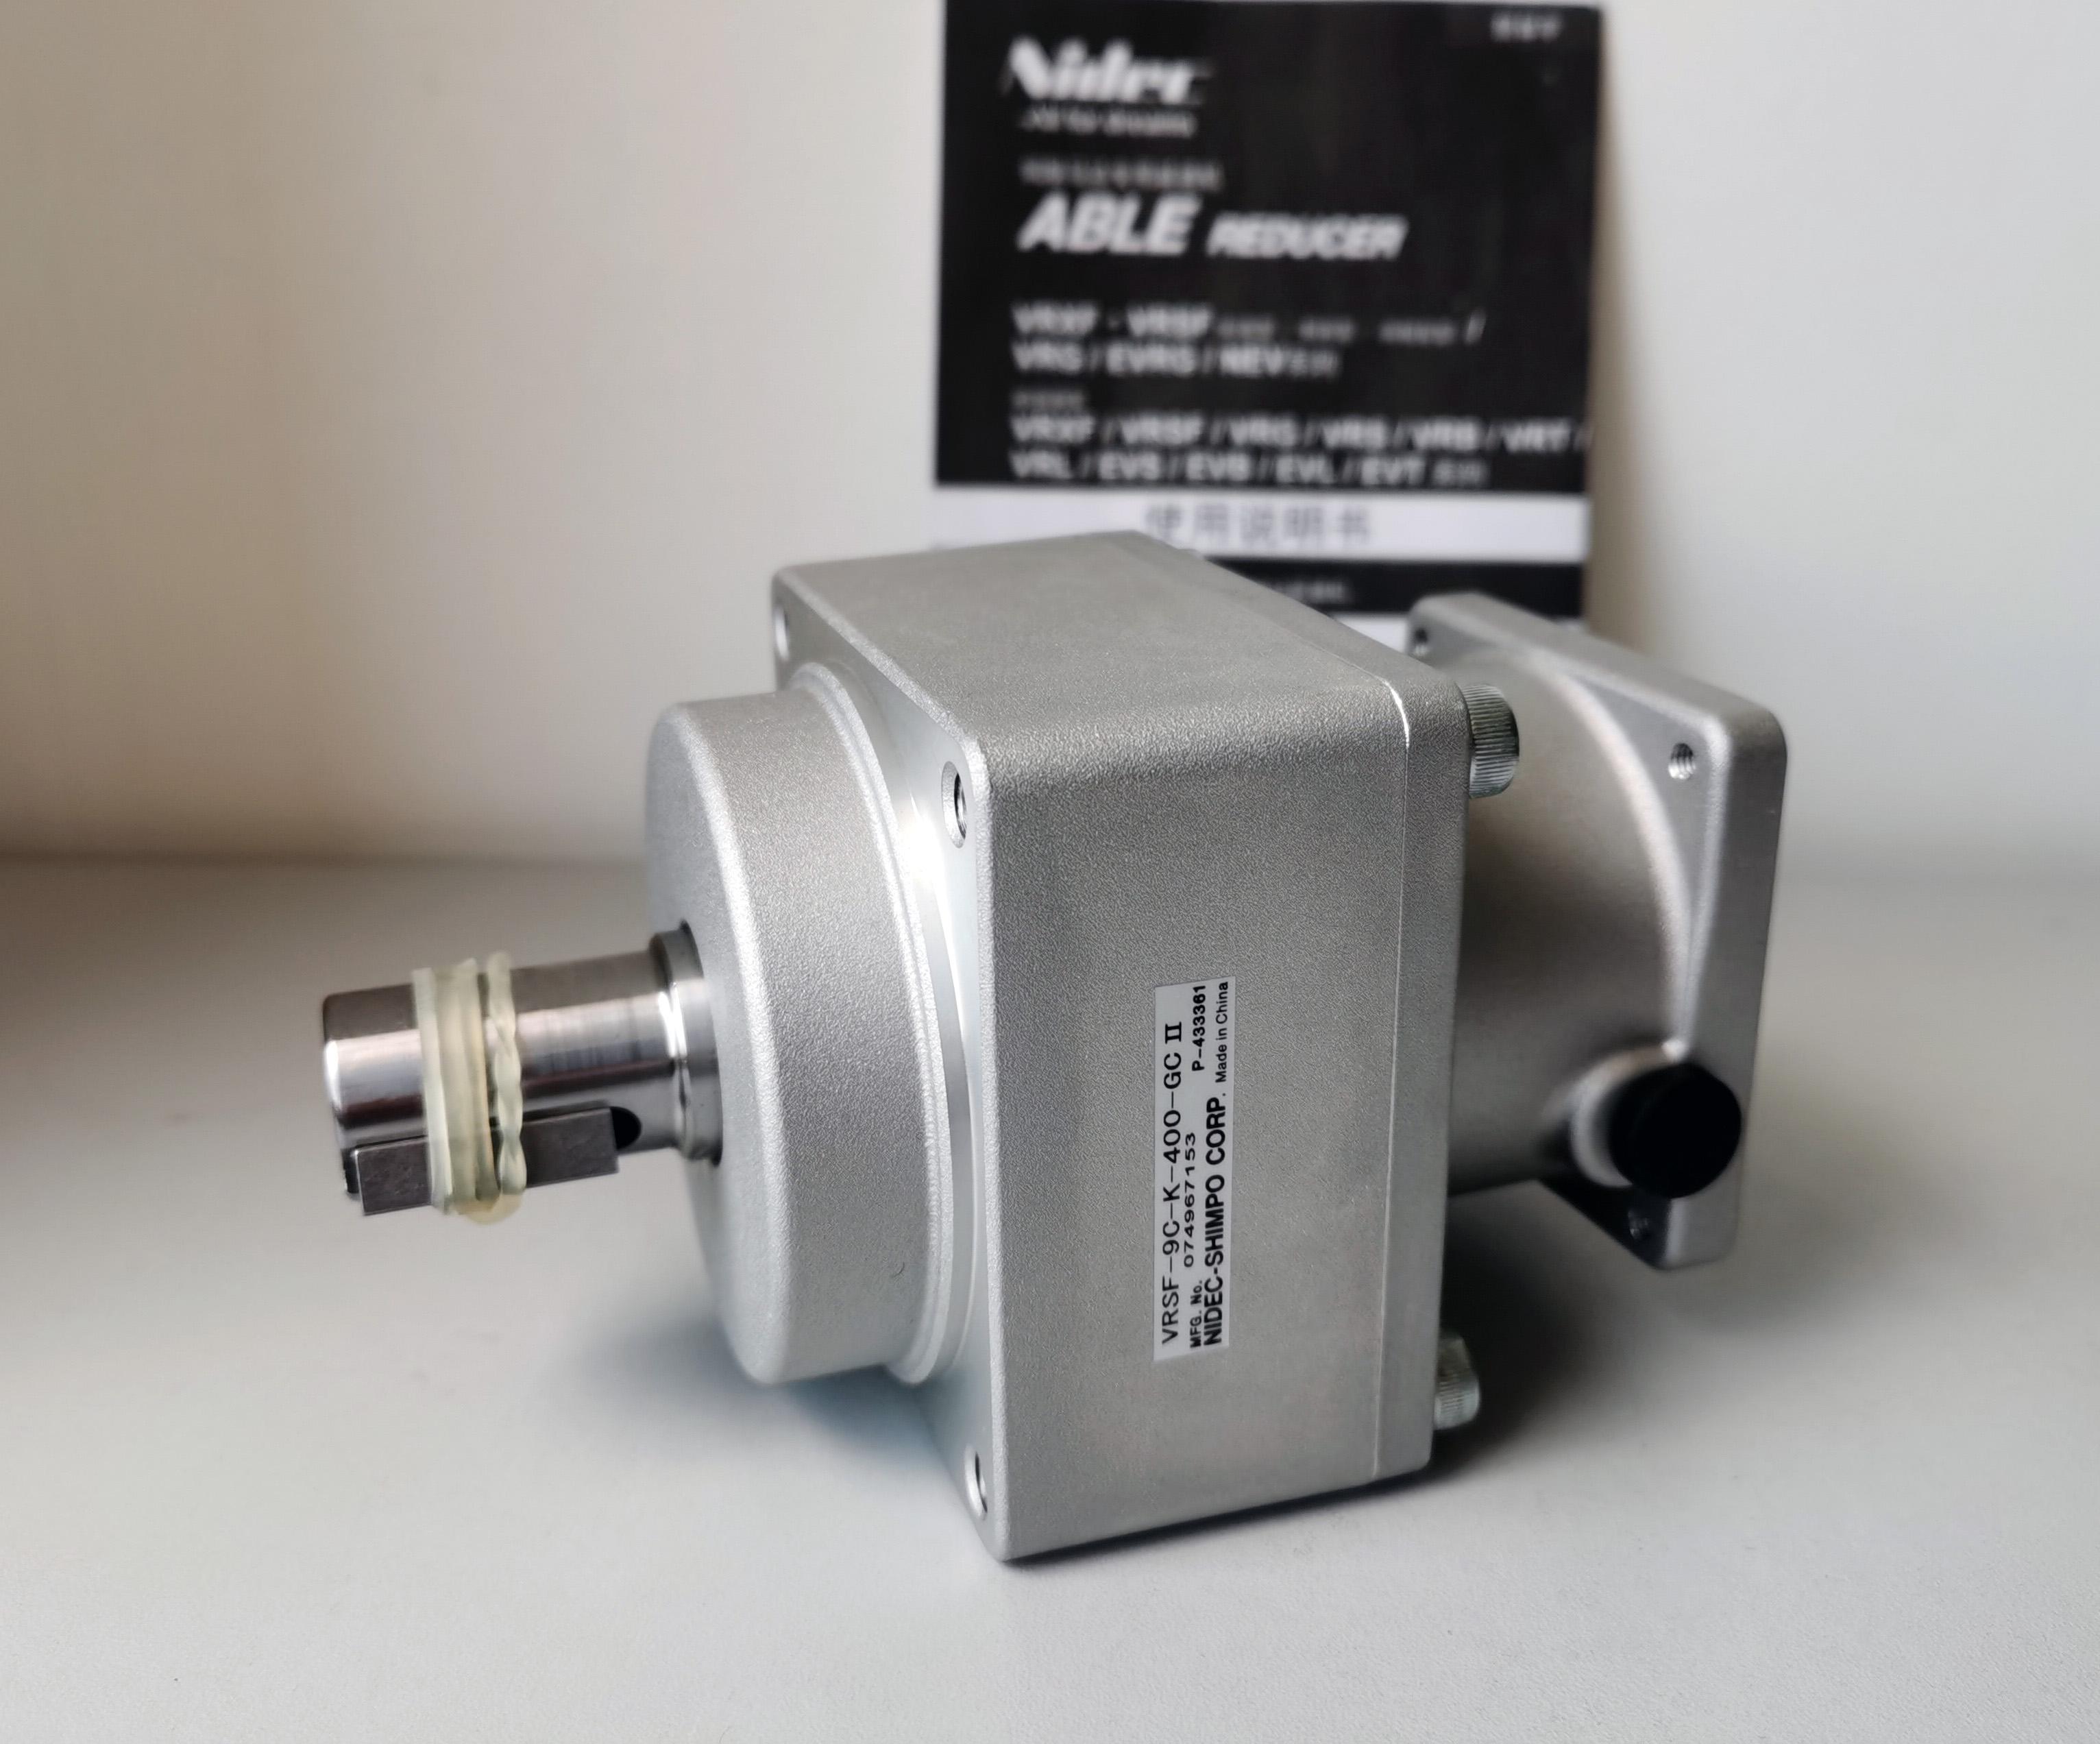 VRSF-9C-K-400-GCII